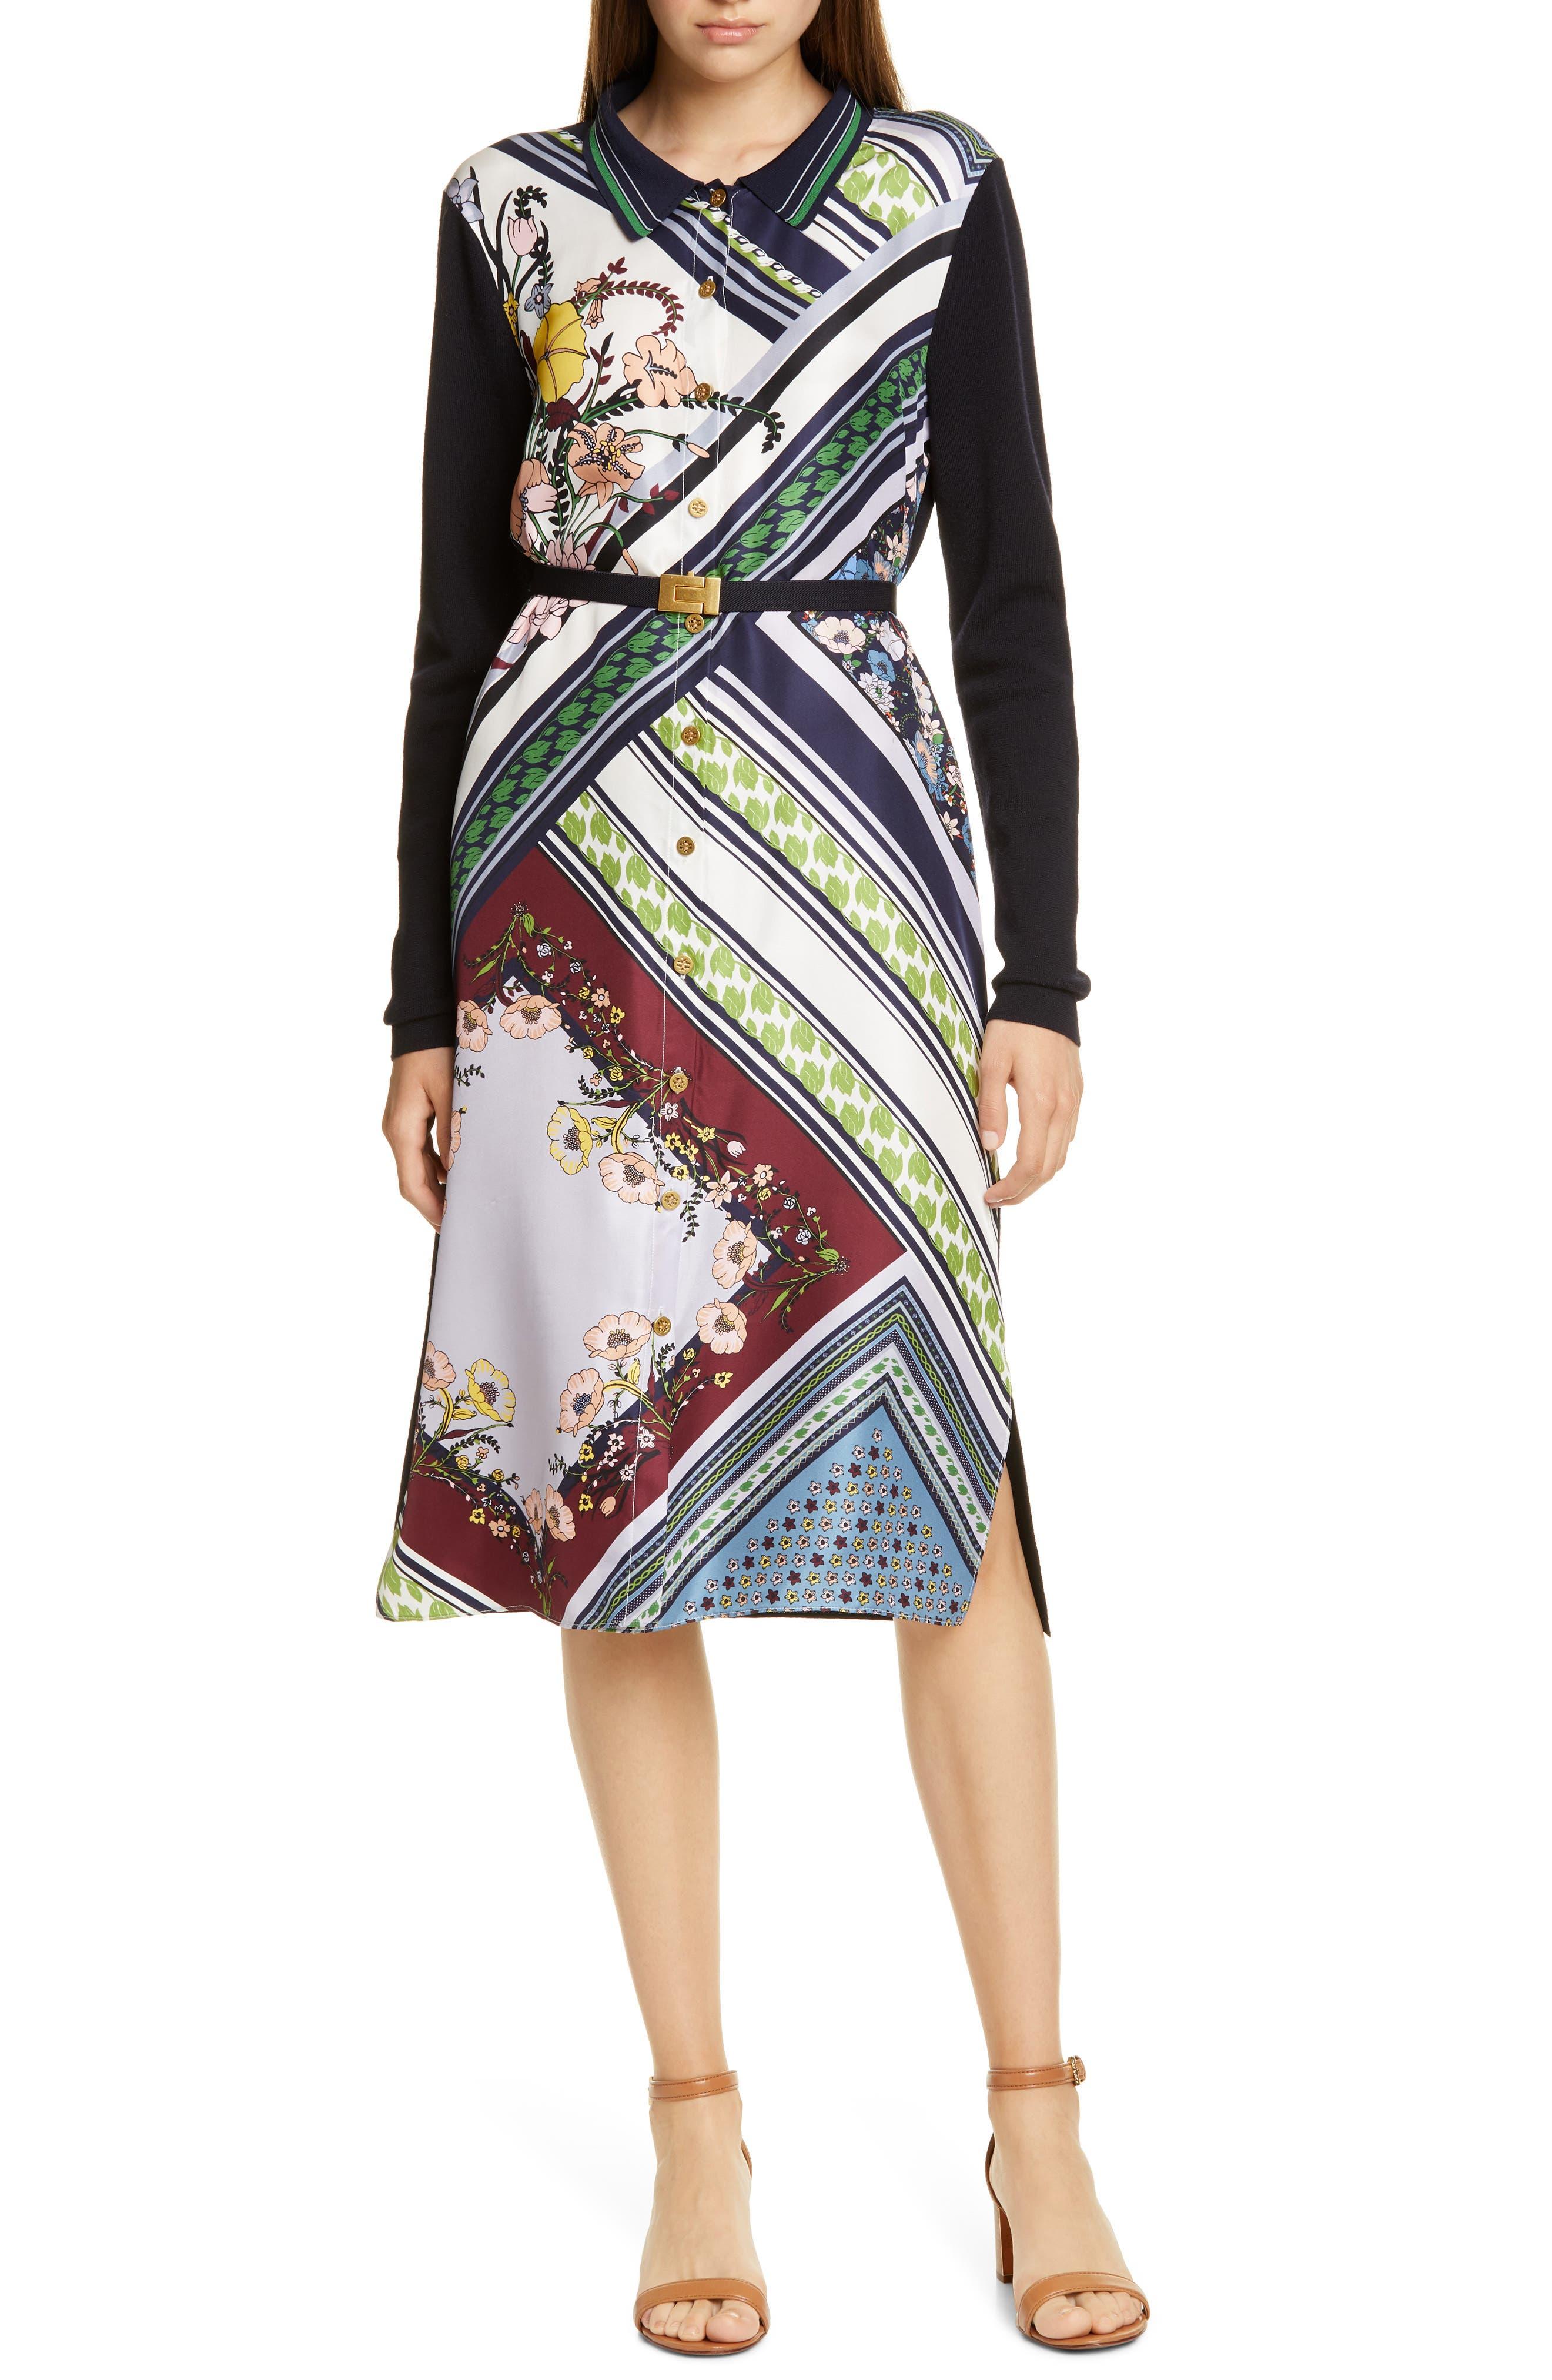 Tory Burch Dresses Silk Front Long Sleeve Shirtdress